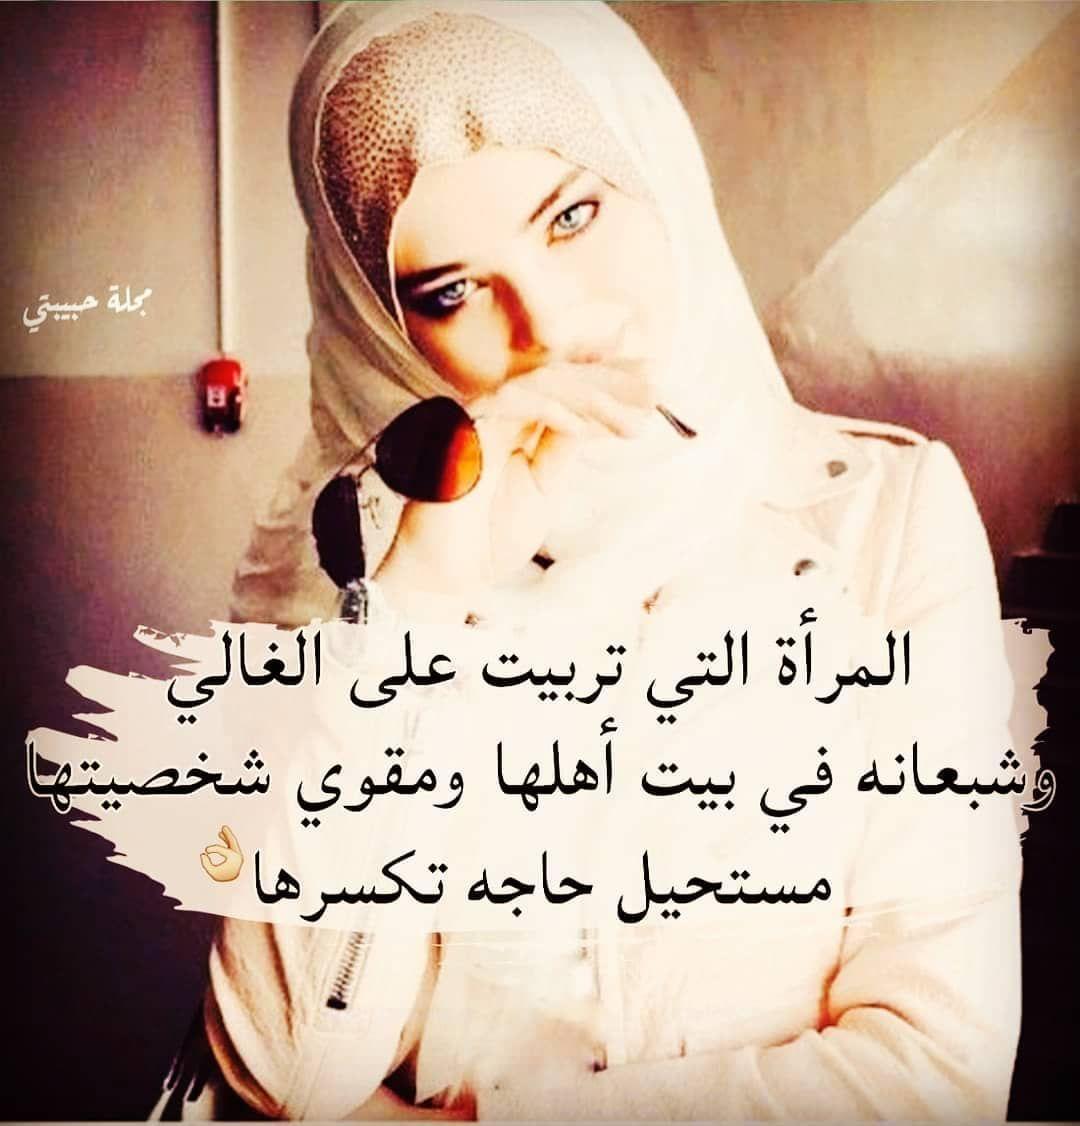 مجلة حبيبتى مجلة لكل العالم On Instagram Mjalat Habebaty مجلة حبيبتى Words Quotes Love Words Quran Quotes